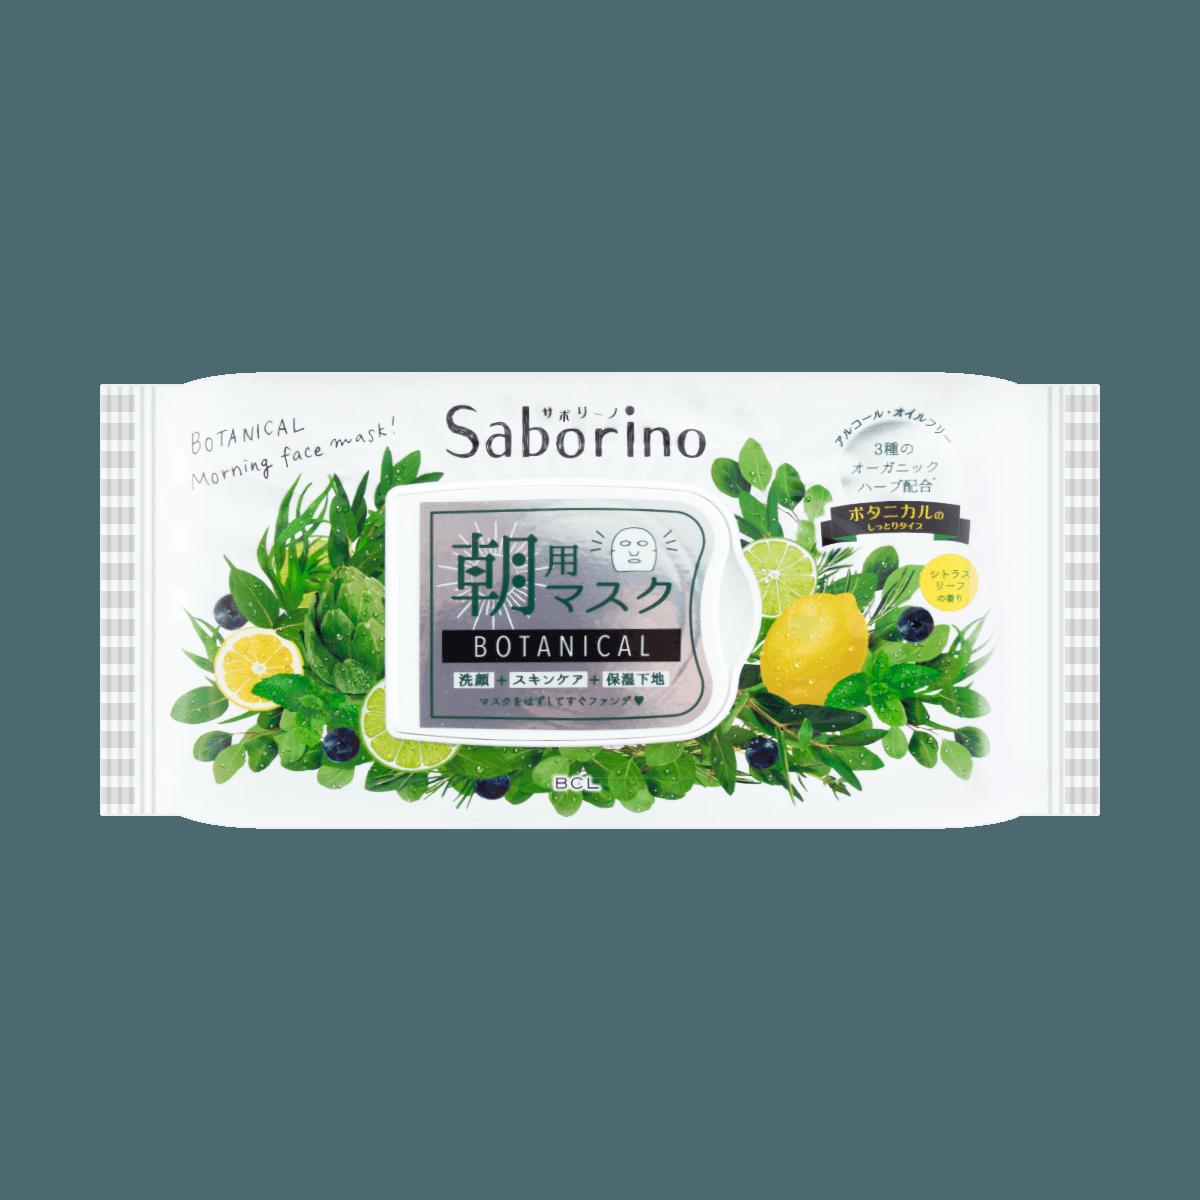 日本BCL SABORINO 60秒懒人 早安面膜 有机植物 28片入 怎么样 - 亚米网